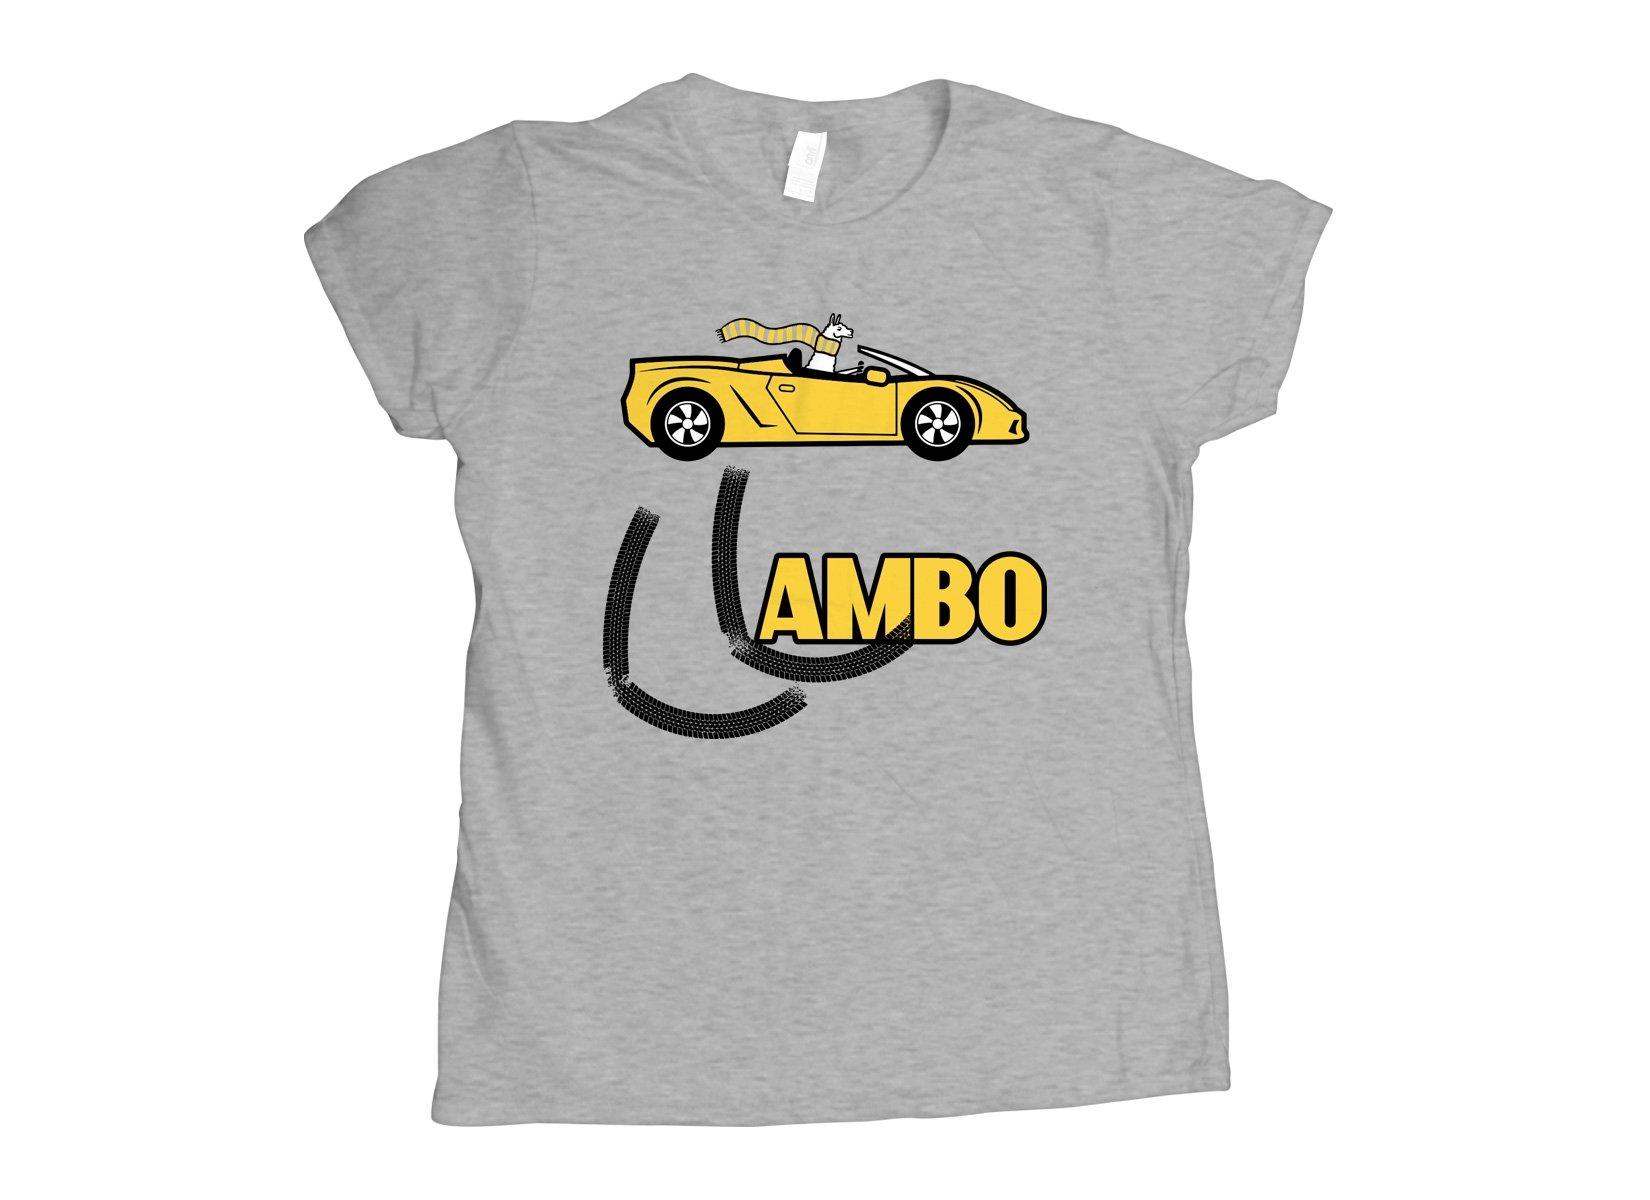 Llambo Llama on Womens T-Shirt